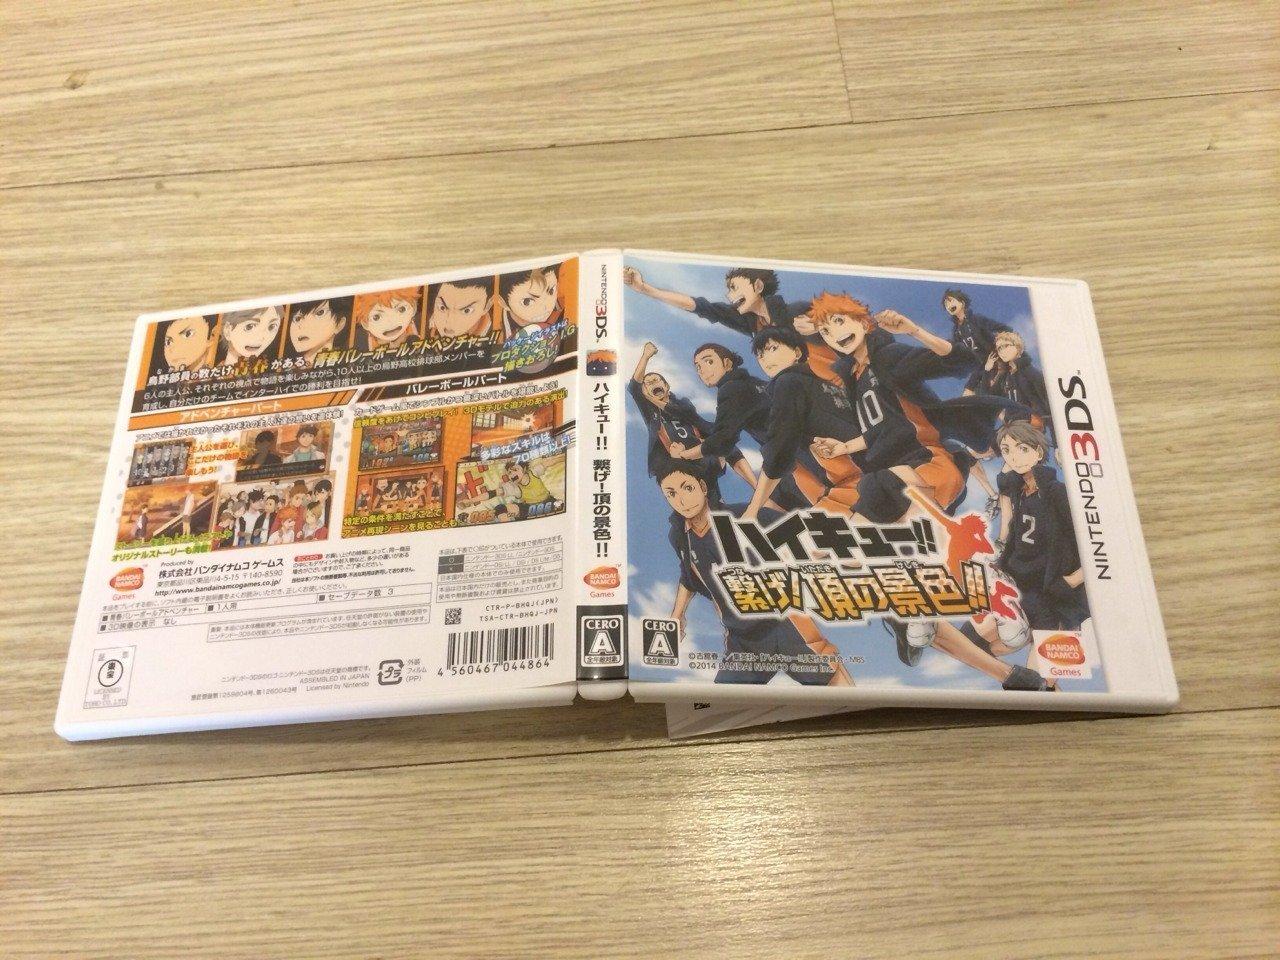 N3DS 3DS 排球少年 連繫吧 頂端的景色 非 交叉組隊戰 Cross team match 售1200